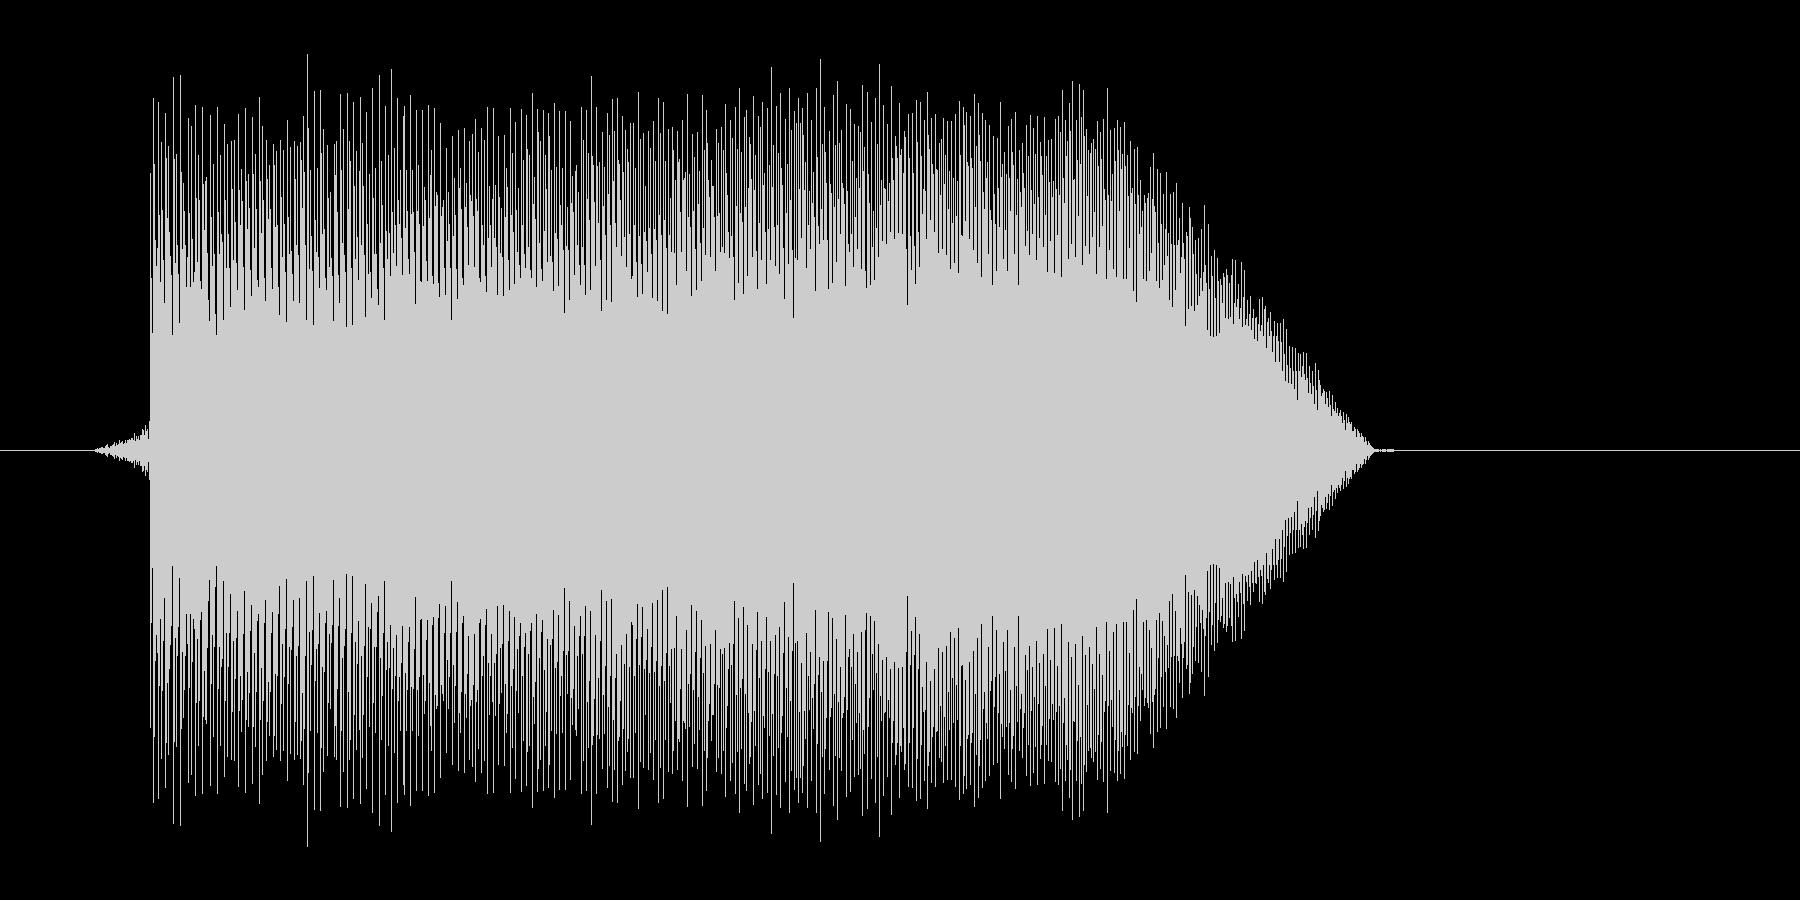 ゲーム(ファミコン風)ジャンプ音_043の未再生の波形